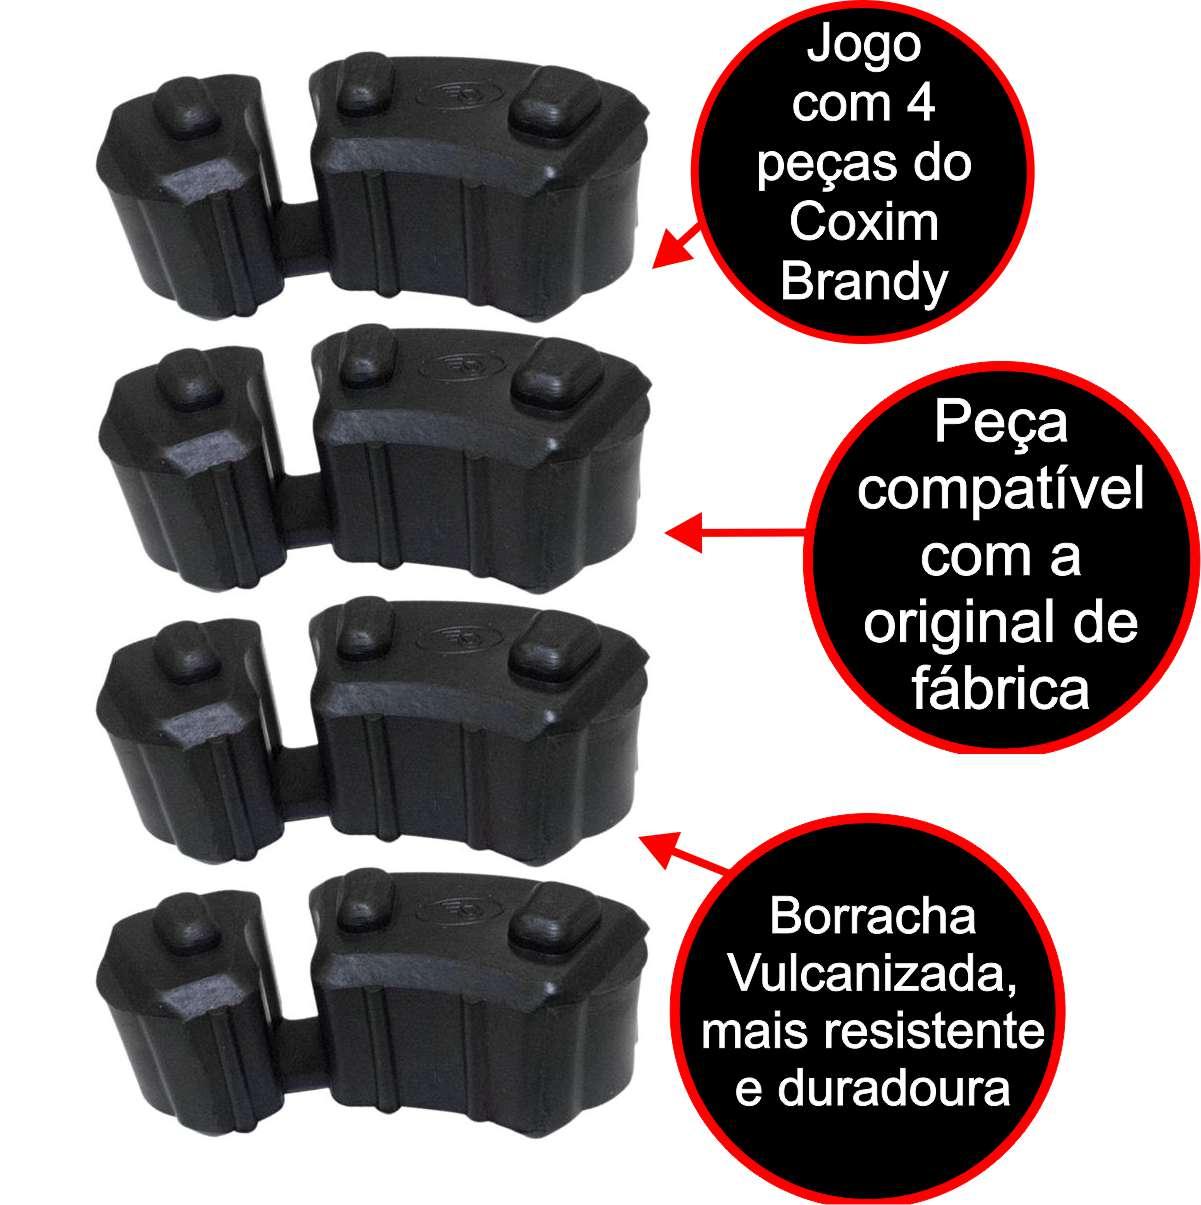 COXIM BRANDY CUBO TRASEIRO BORRACHA RODA MOTO BMW F 650 GS 2008 até 2011 - BMW F 800 GS